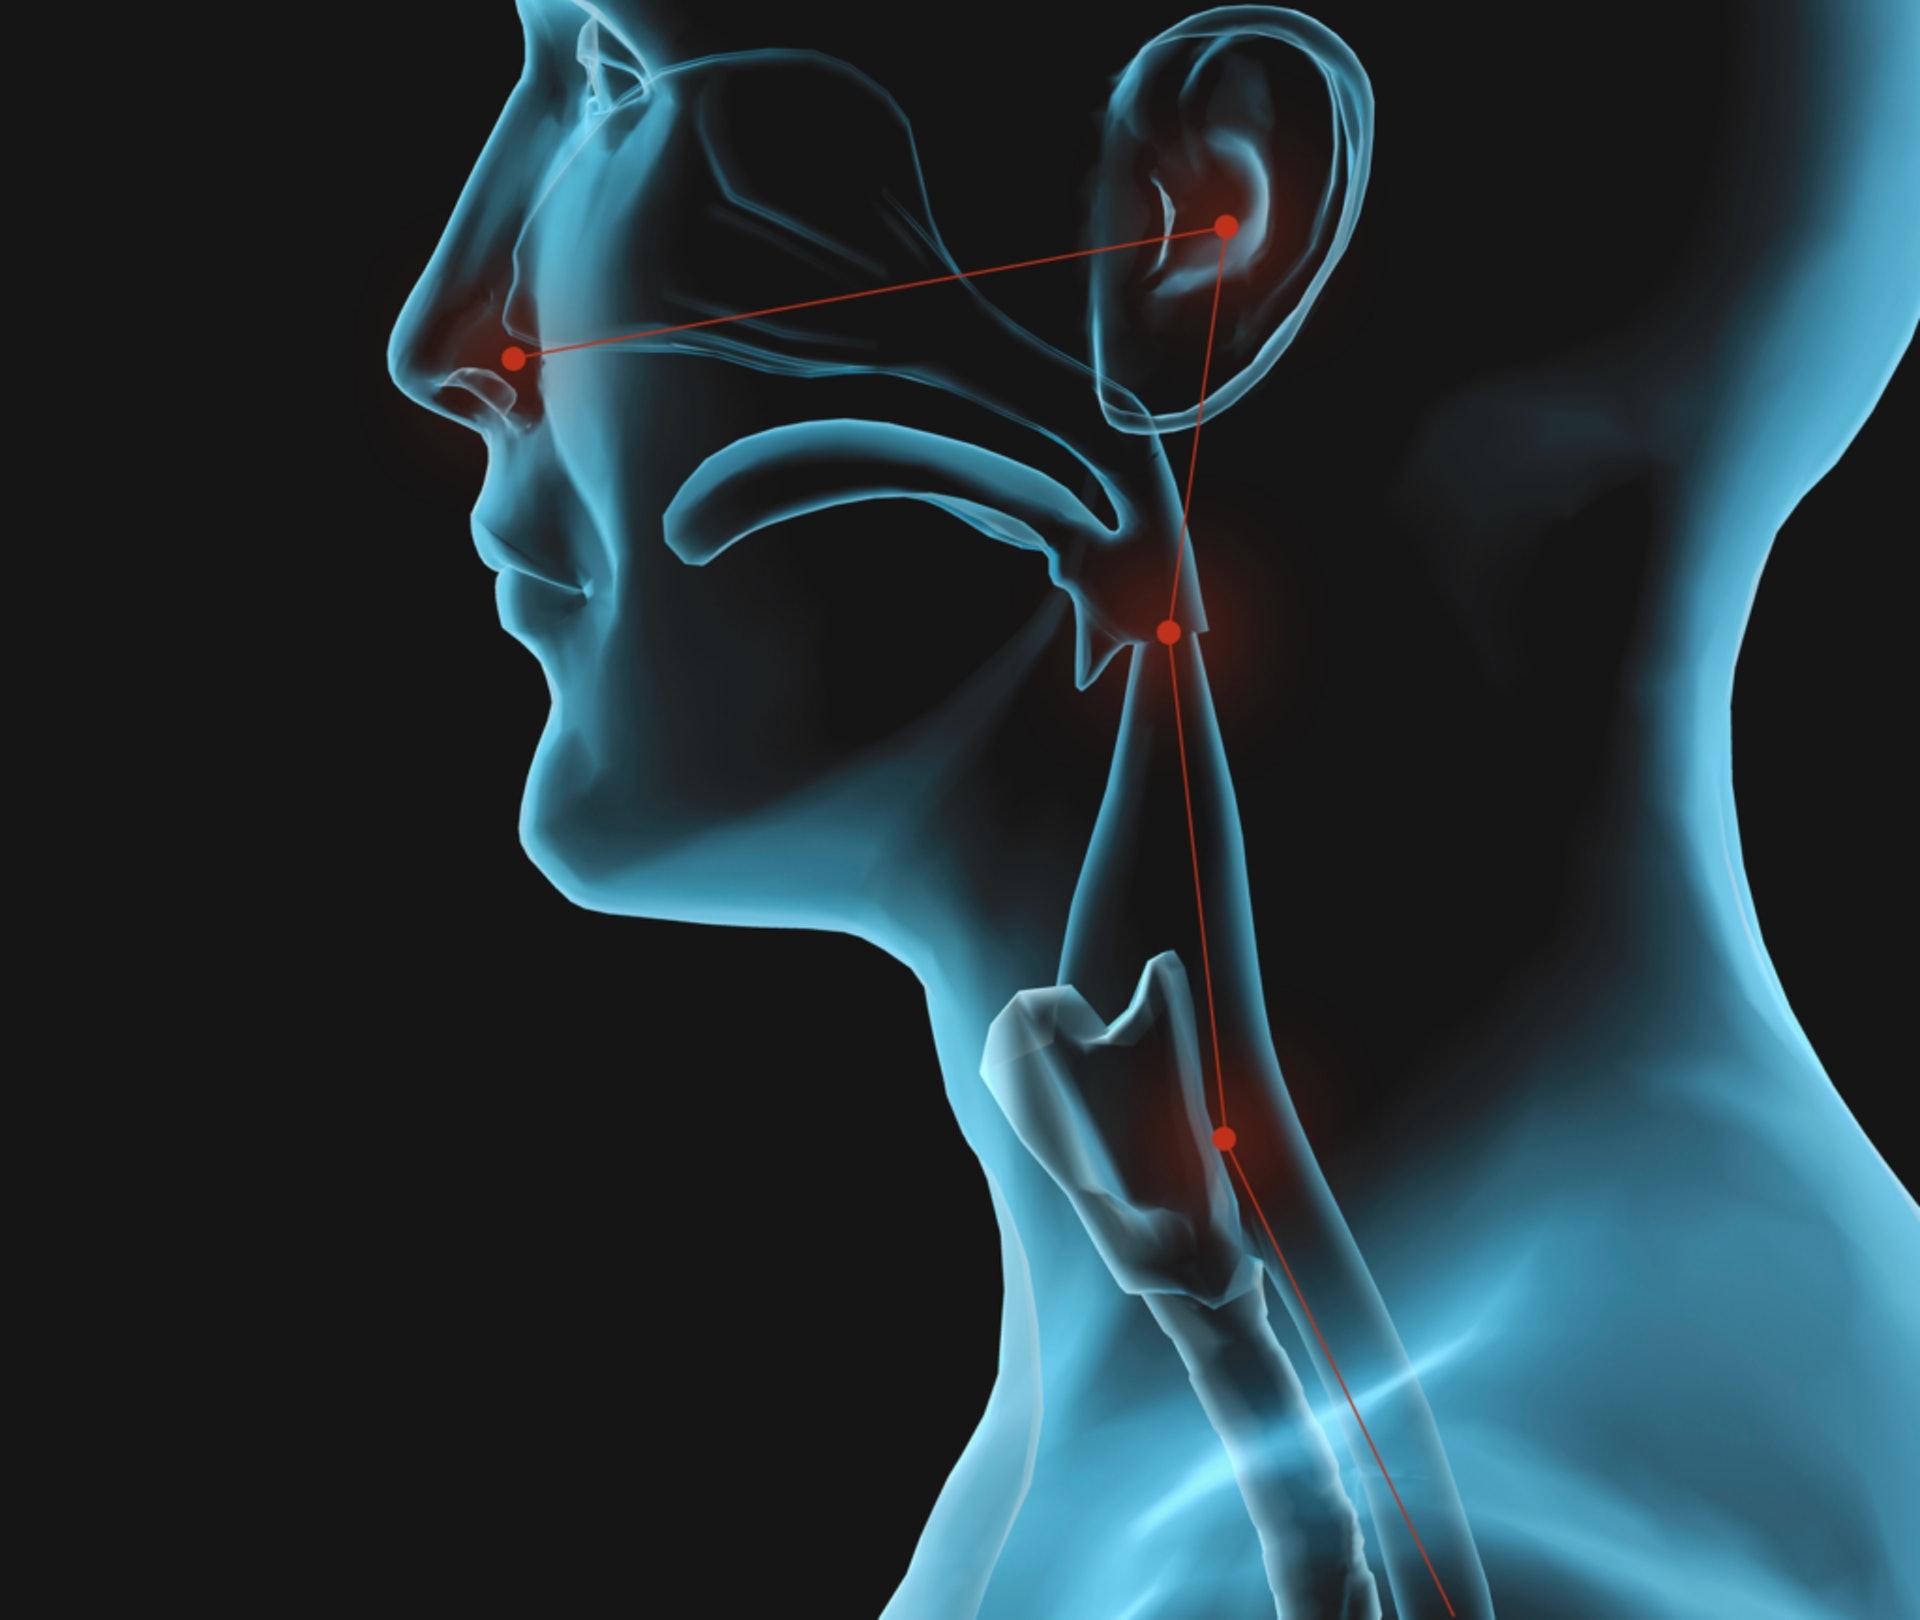 OAS症狀屬「局部性」,通常只出現在口腔。而耳、鼻、喉的結構是貫通的,致敏源有機會跑到耳朵,可能令耳朵也跟住痕癢。 (圖片:enthealth)